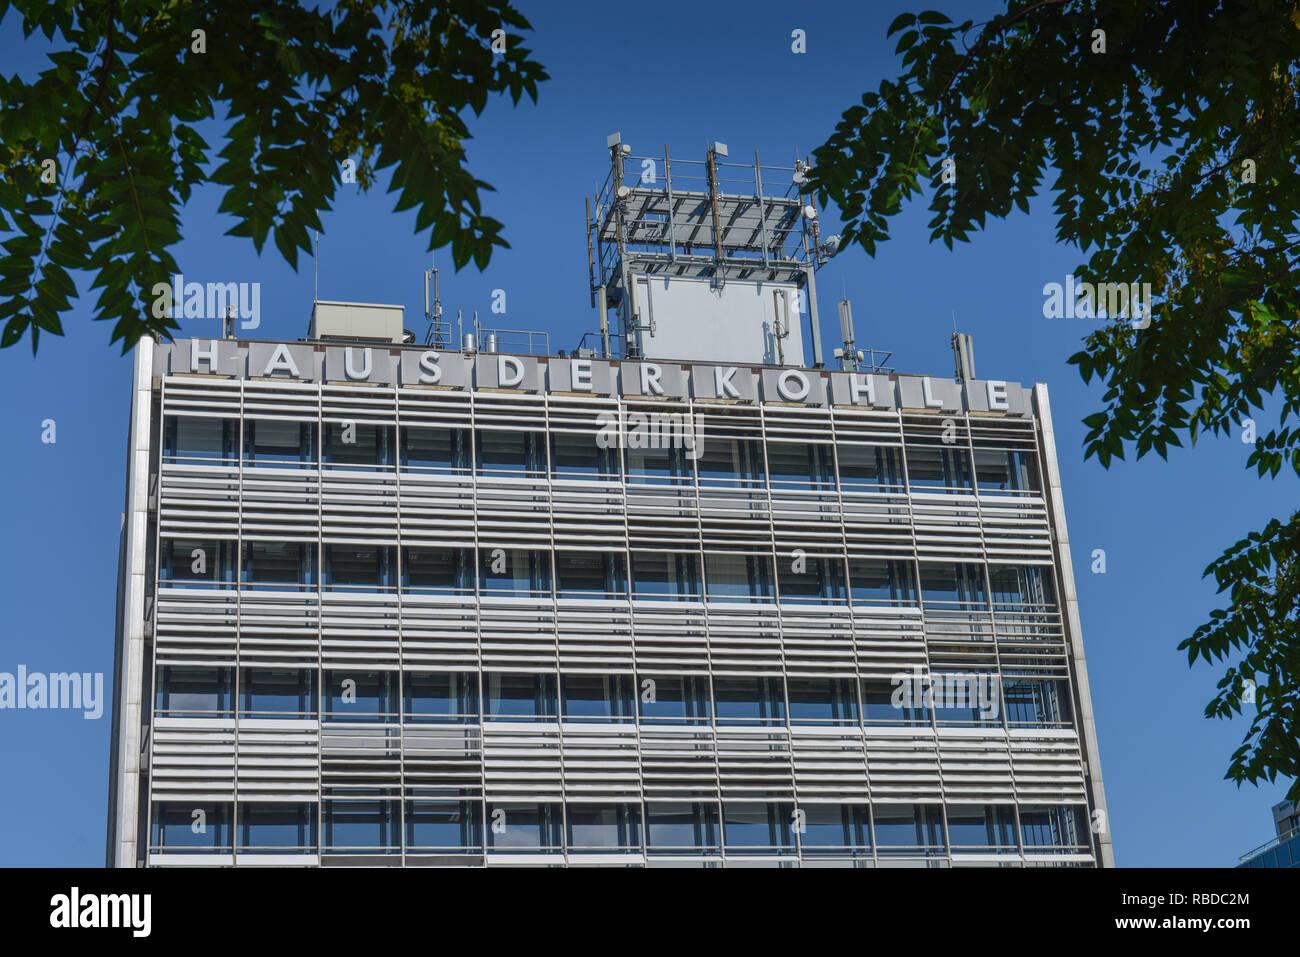 House of the coal, Buchkremerstrasse, Aachen, North Rhine-Westphalia, Germany, Haus der Kohle, Nordrhein-Westfalen, Deutschland Stock Photo